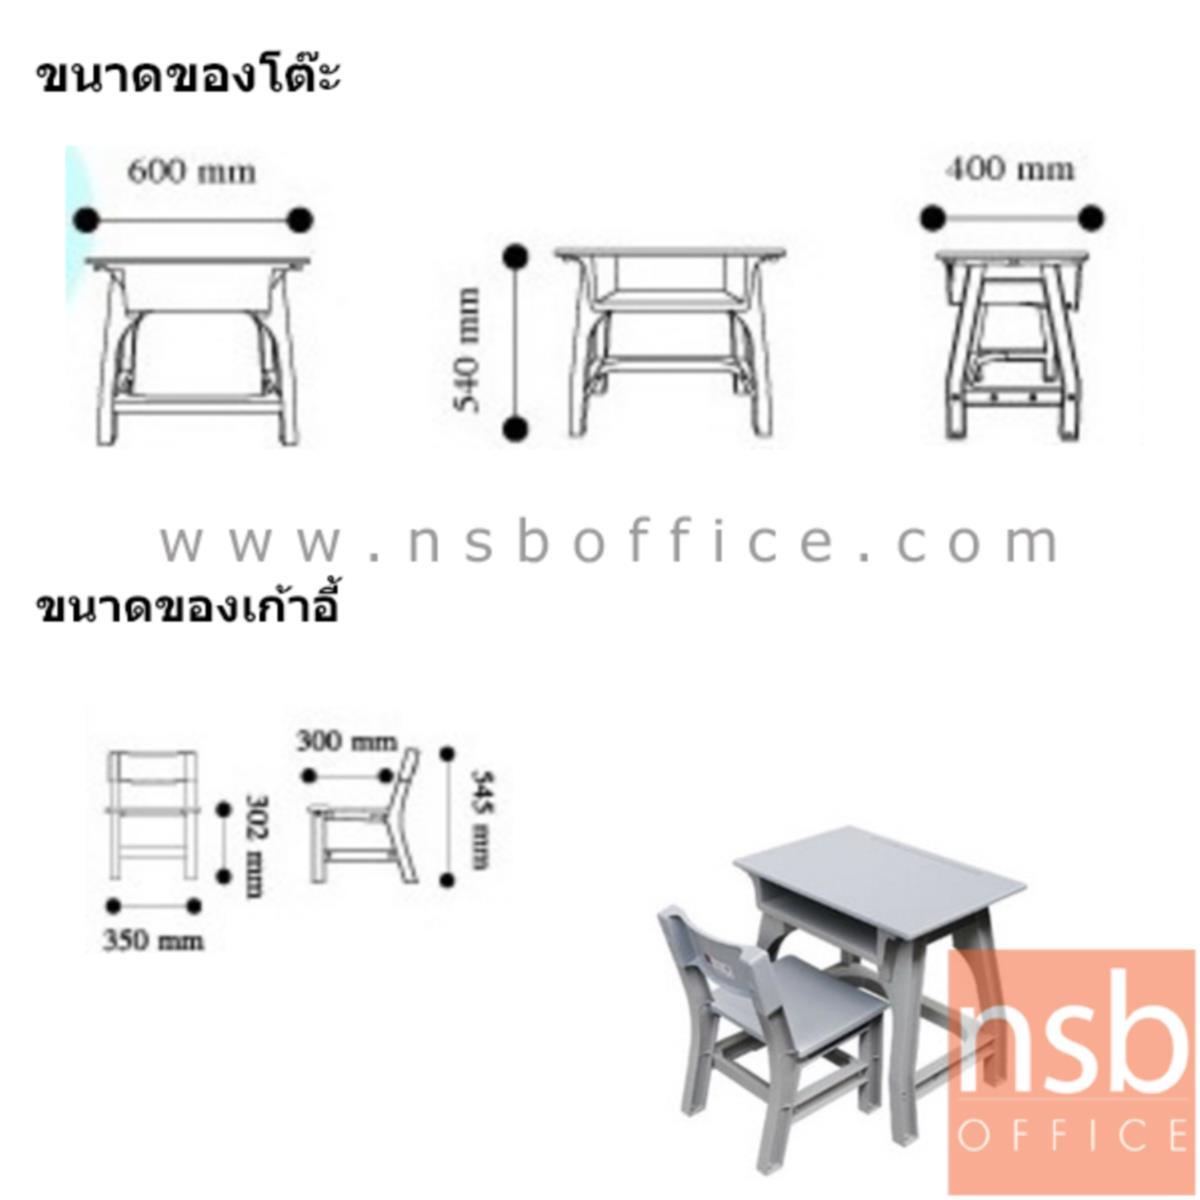 ชุดโต๊ะและเก้าอี้นักเรียน รุ่น Absolute (แอ็ปโซลูต)  ระดับชั้นอนุบาล ขาพลาสติก